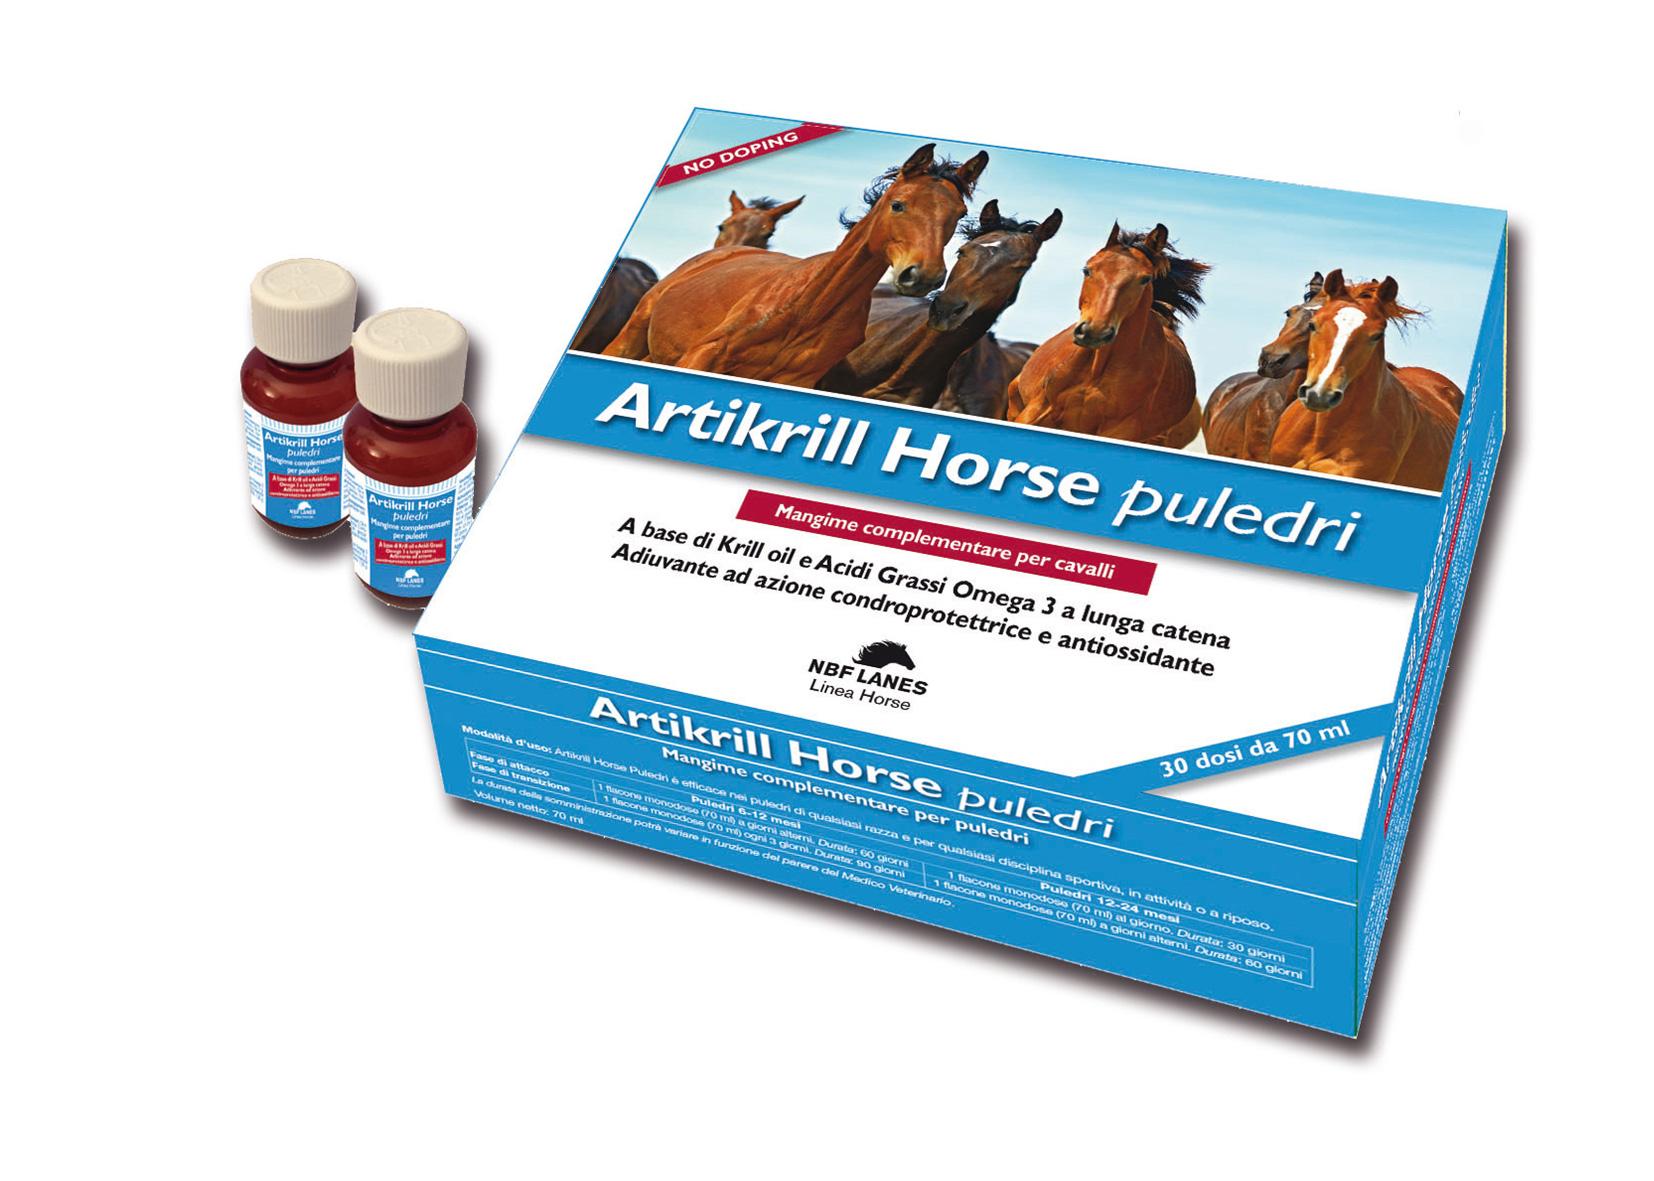 Confezione-Artikrill-puledri-ita